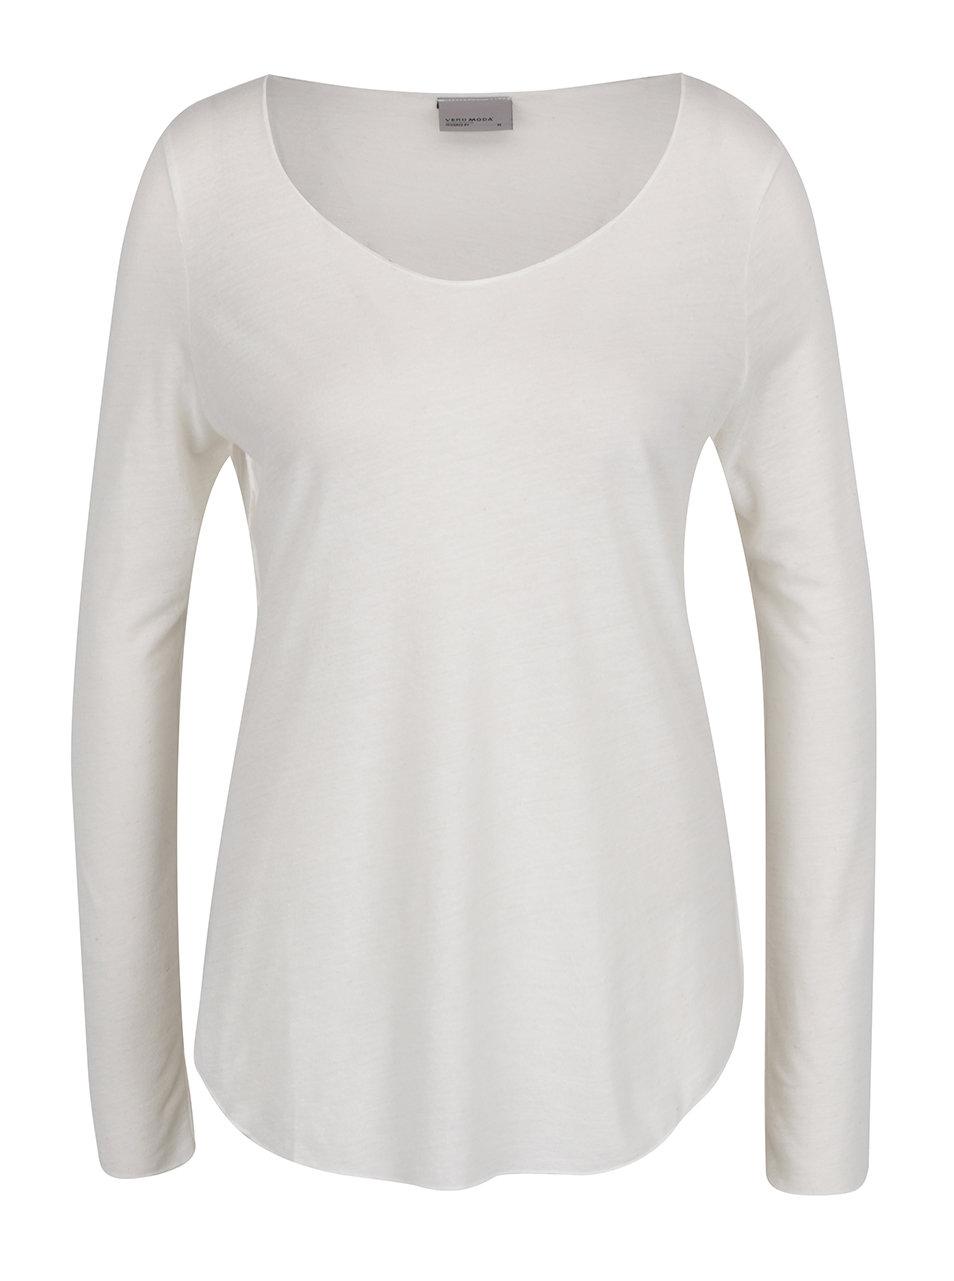 Bílé žíhané triko s dlouhým rukávem VERO MODA Lua ... 2ecbfa79d0